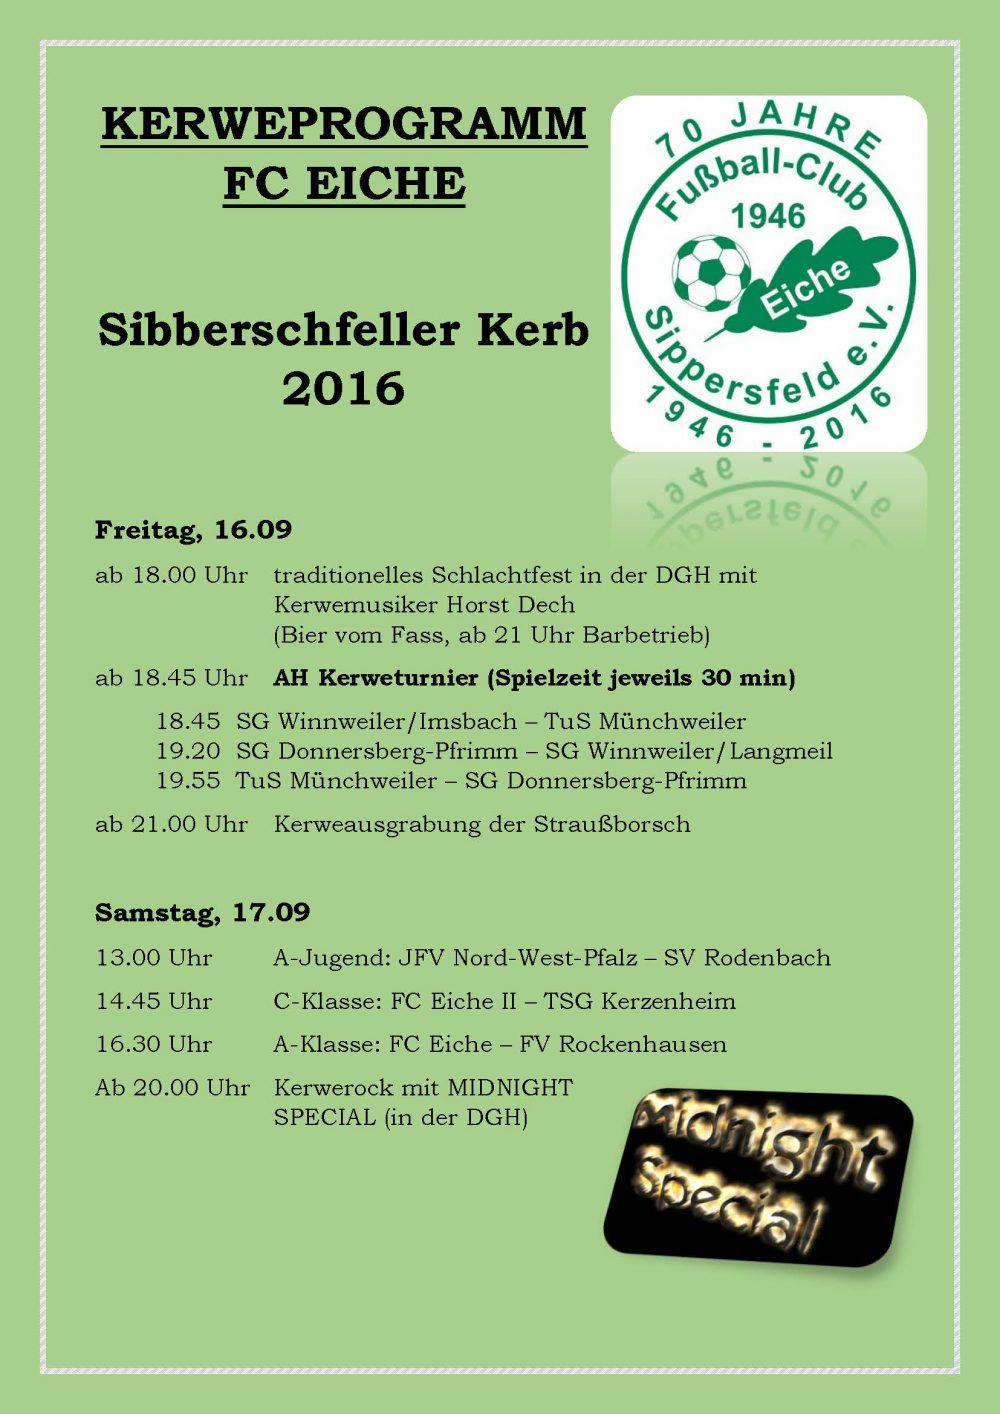 Kerweprogramm 2016_FCEiche